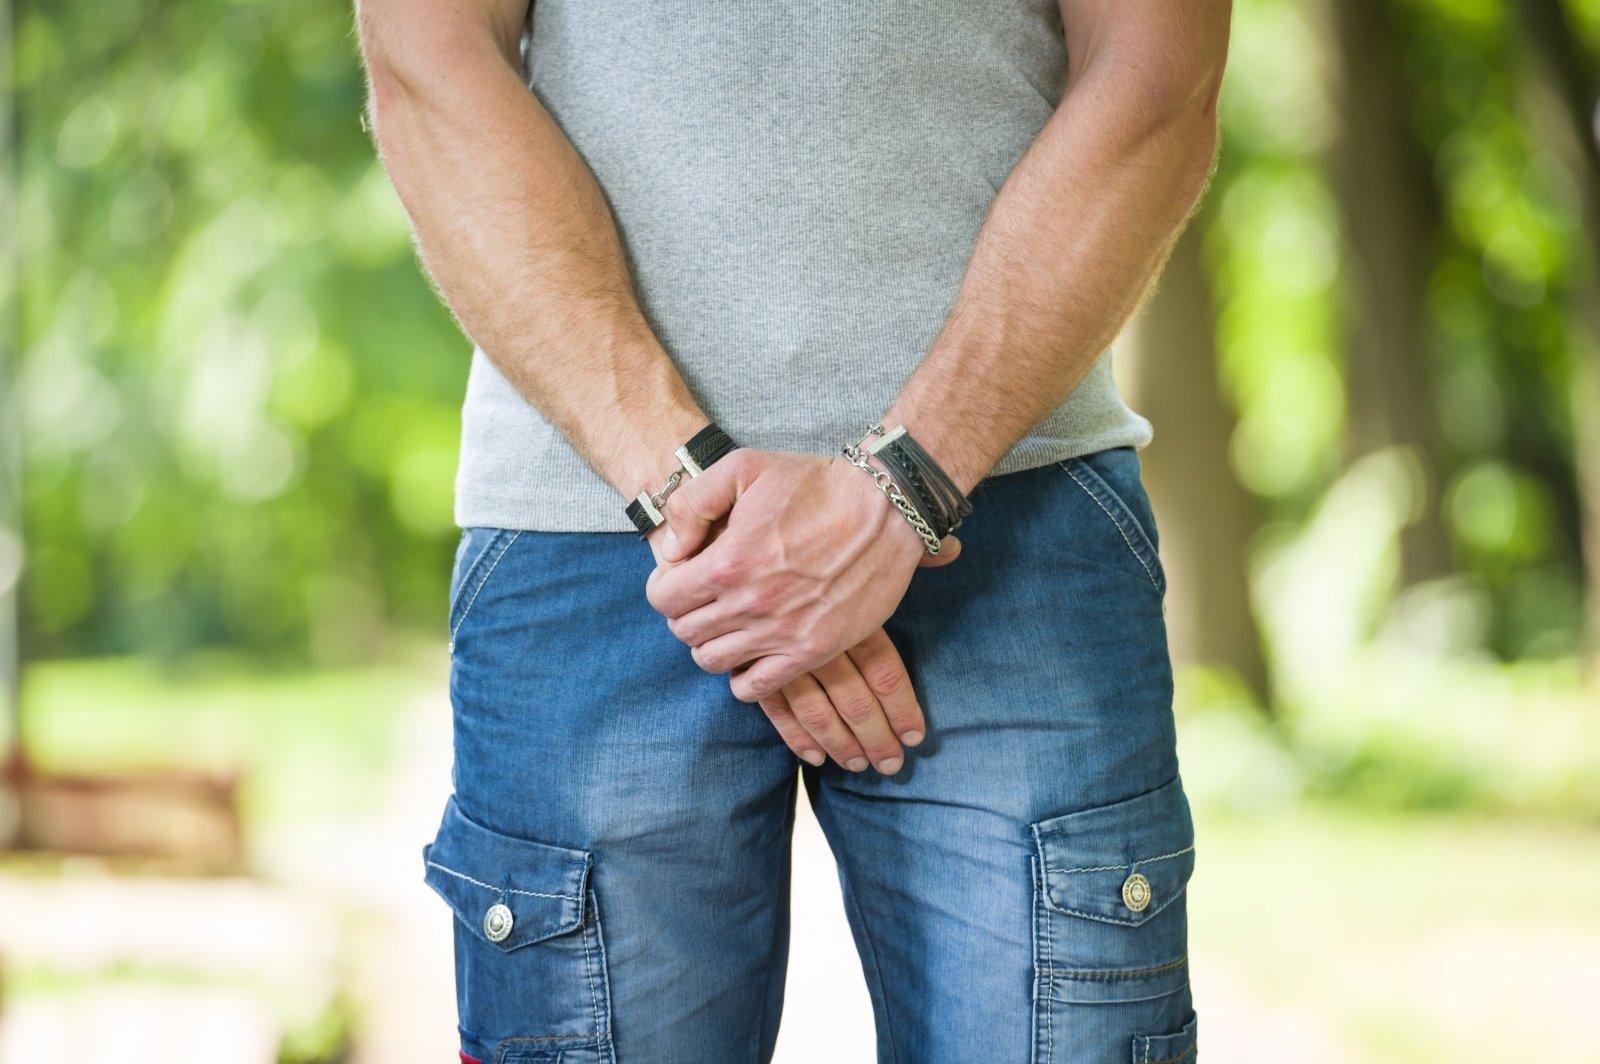 kodėl atsiradusi erekcija išnyksta as padidinau save nario stori